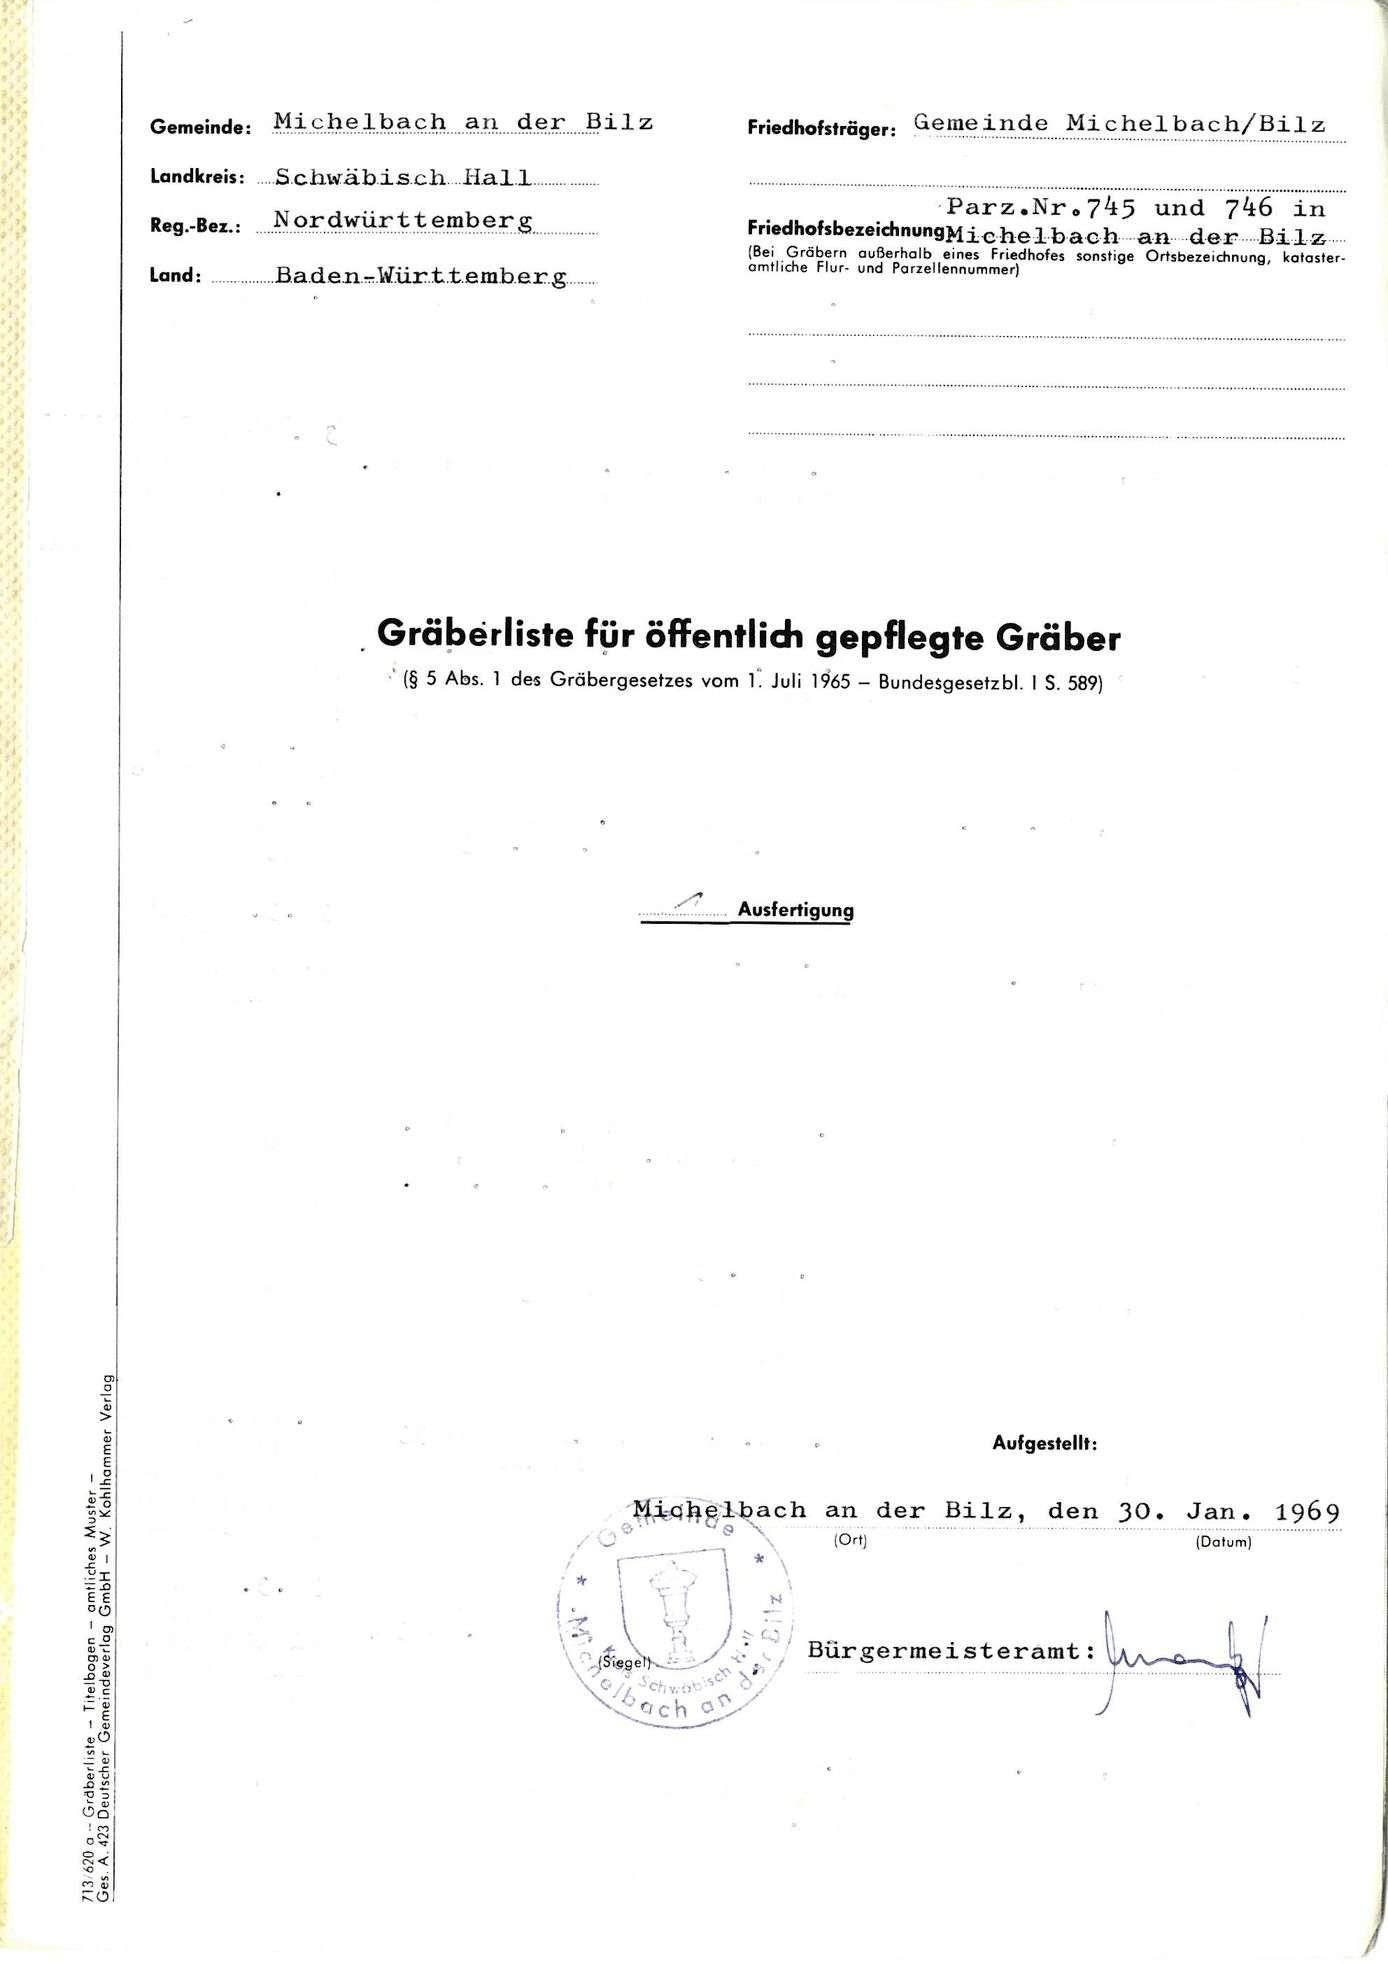 Michelbach an der Bilz, Bild 1